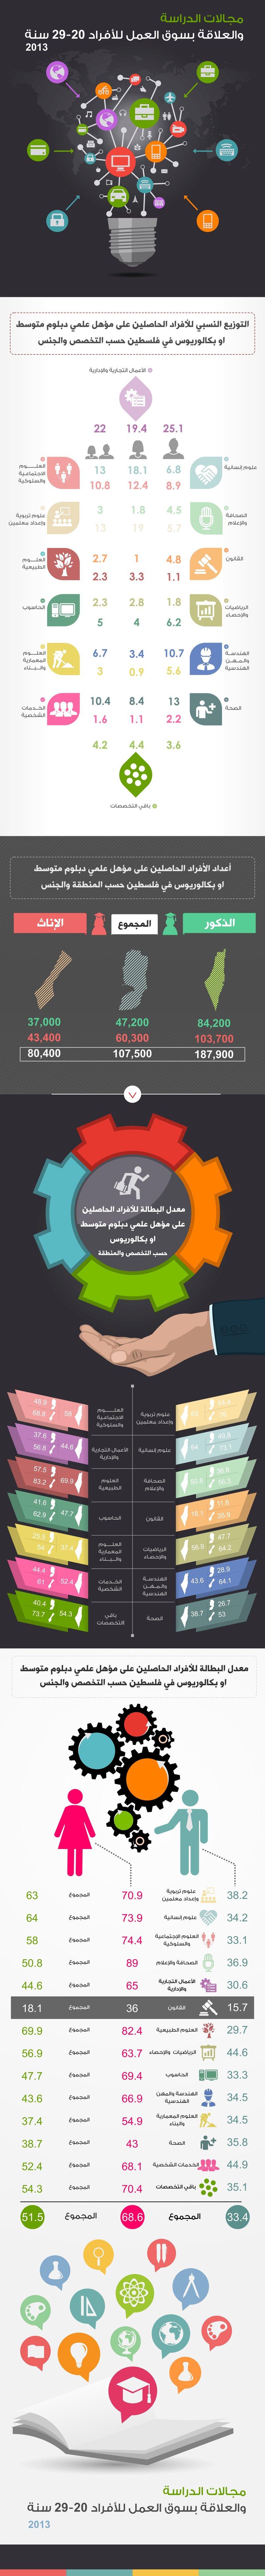 مجالات الدراسة والعلاقة بسوق العمل للأفراد (صورة انفوجرافيك )